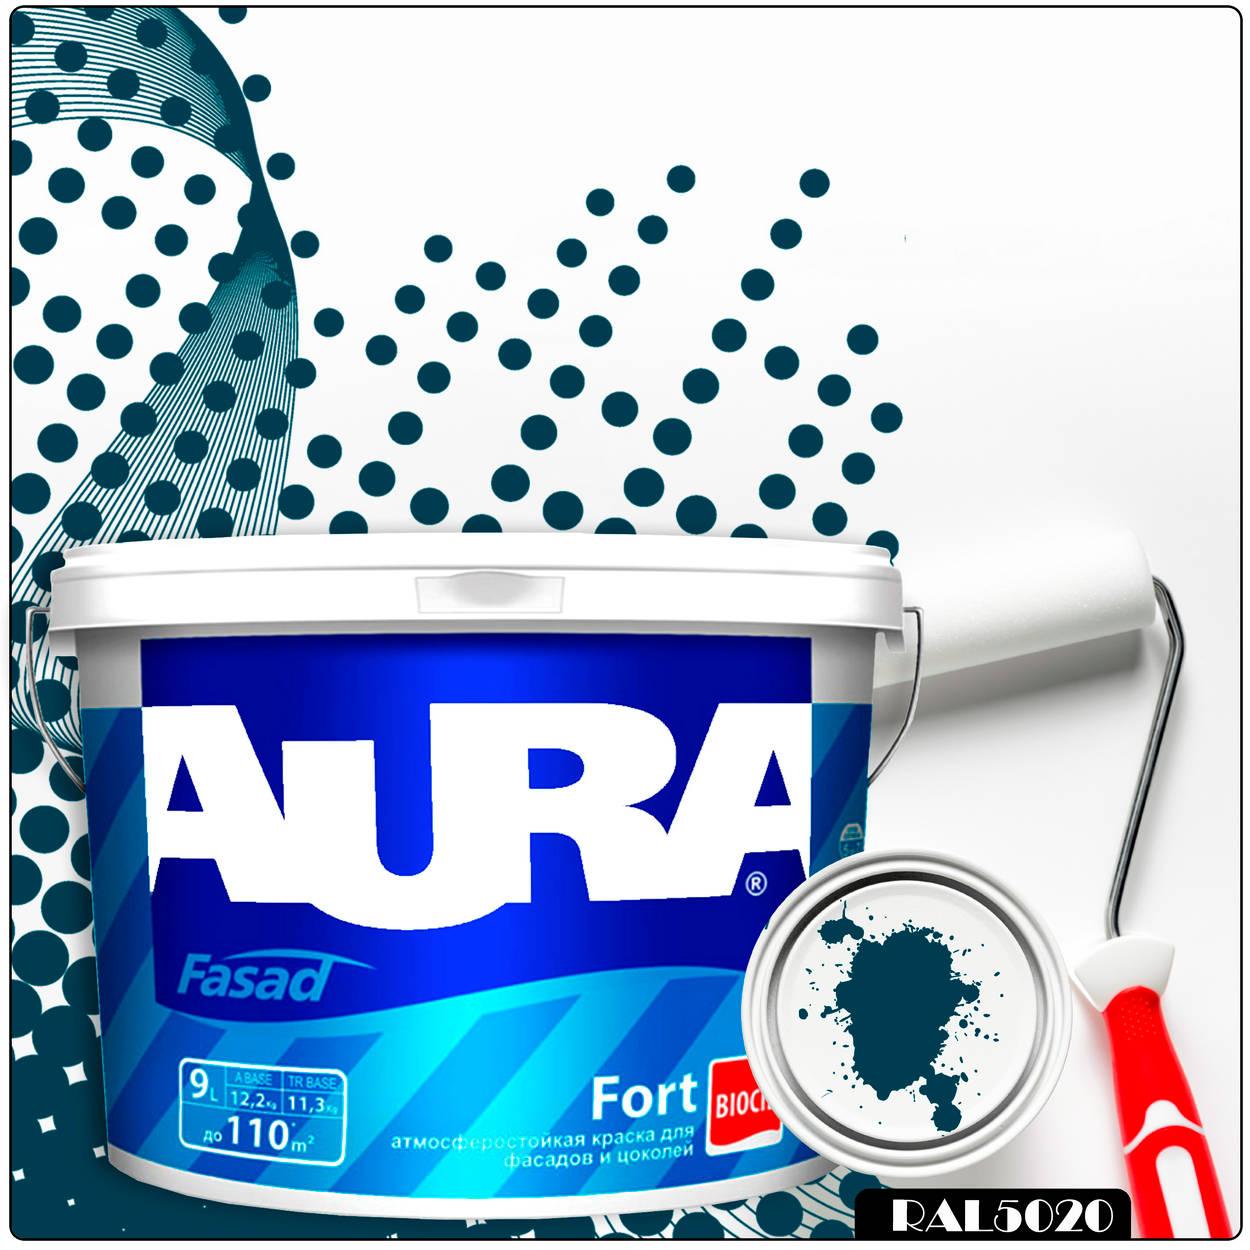 Фото 19 - Краска Aura Fasad Fort, RAL 5020 Океанская синь, латексная, матовая, для фасада и цоколей, 9л, Аура.